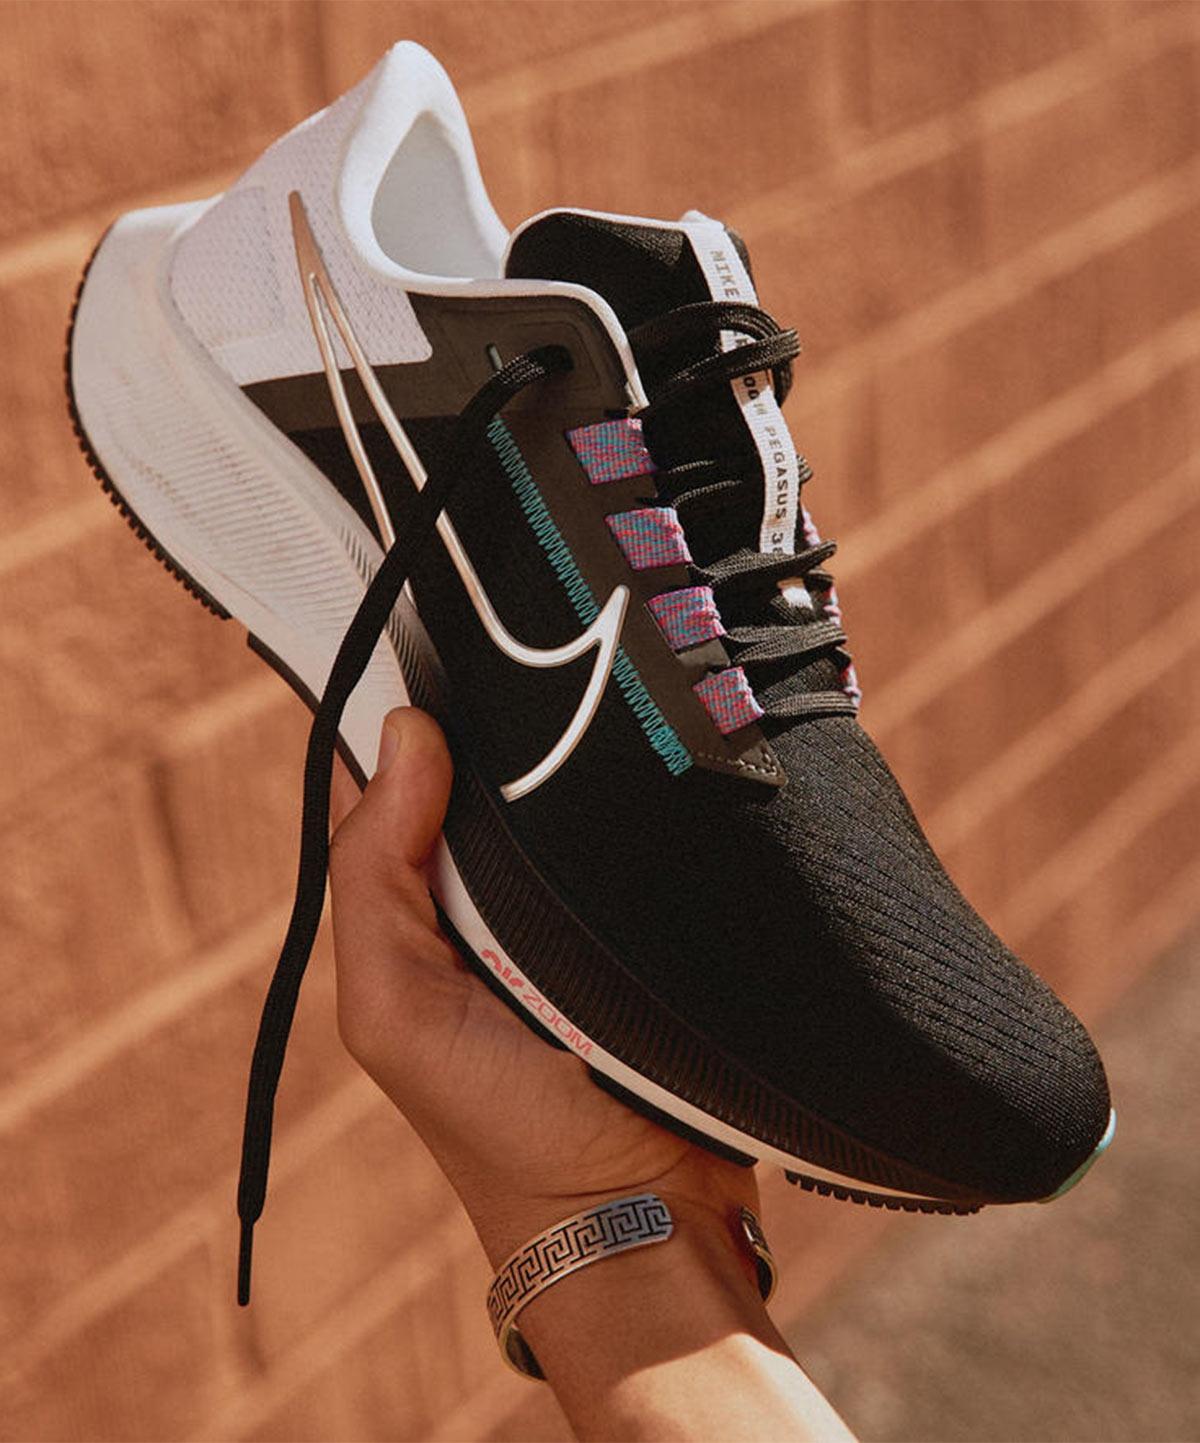 Nike Pegasus 38, tutte le sue notizie e specifiche tecniche